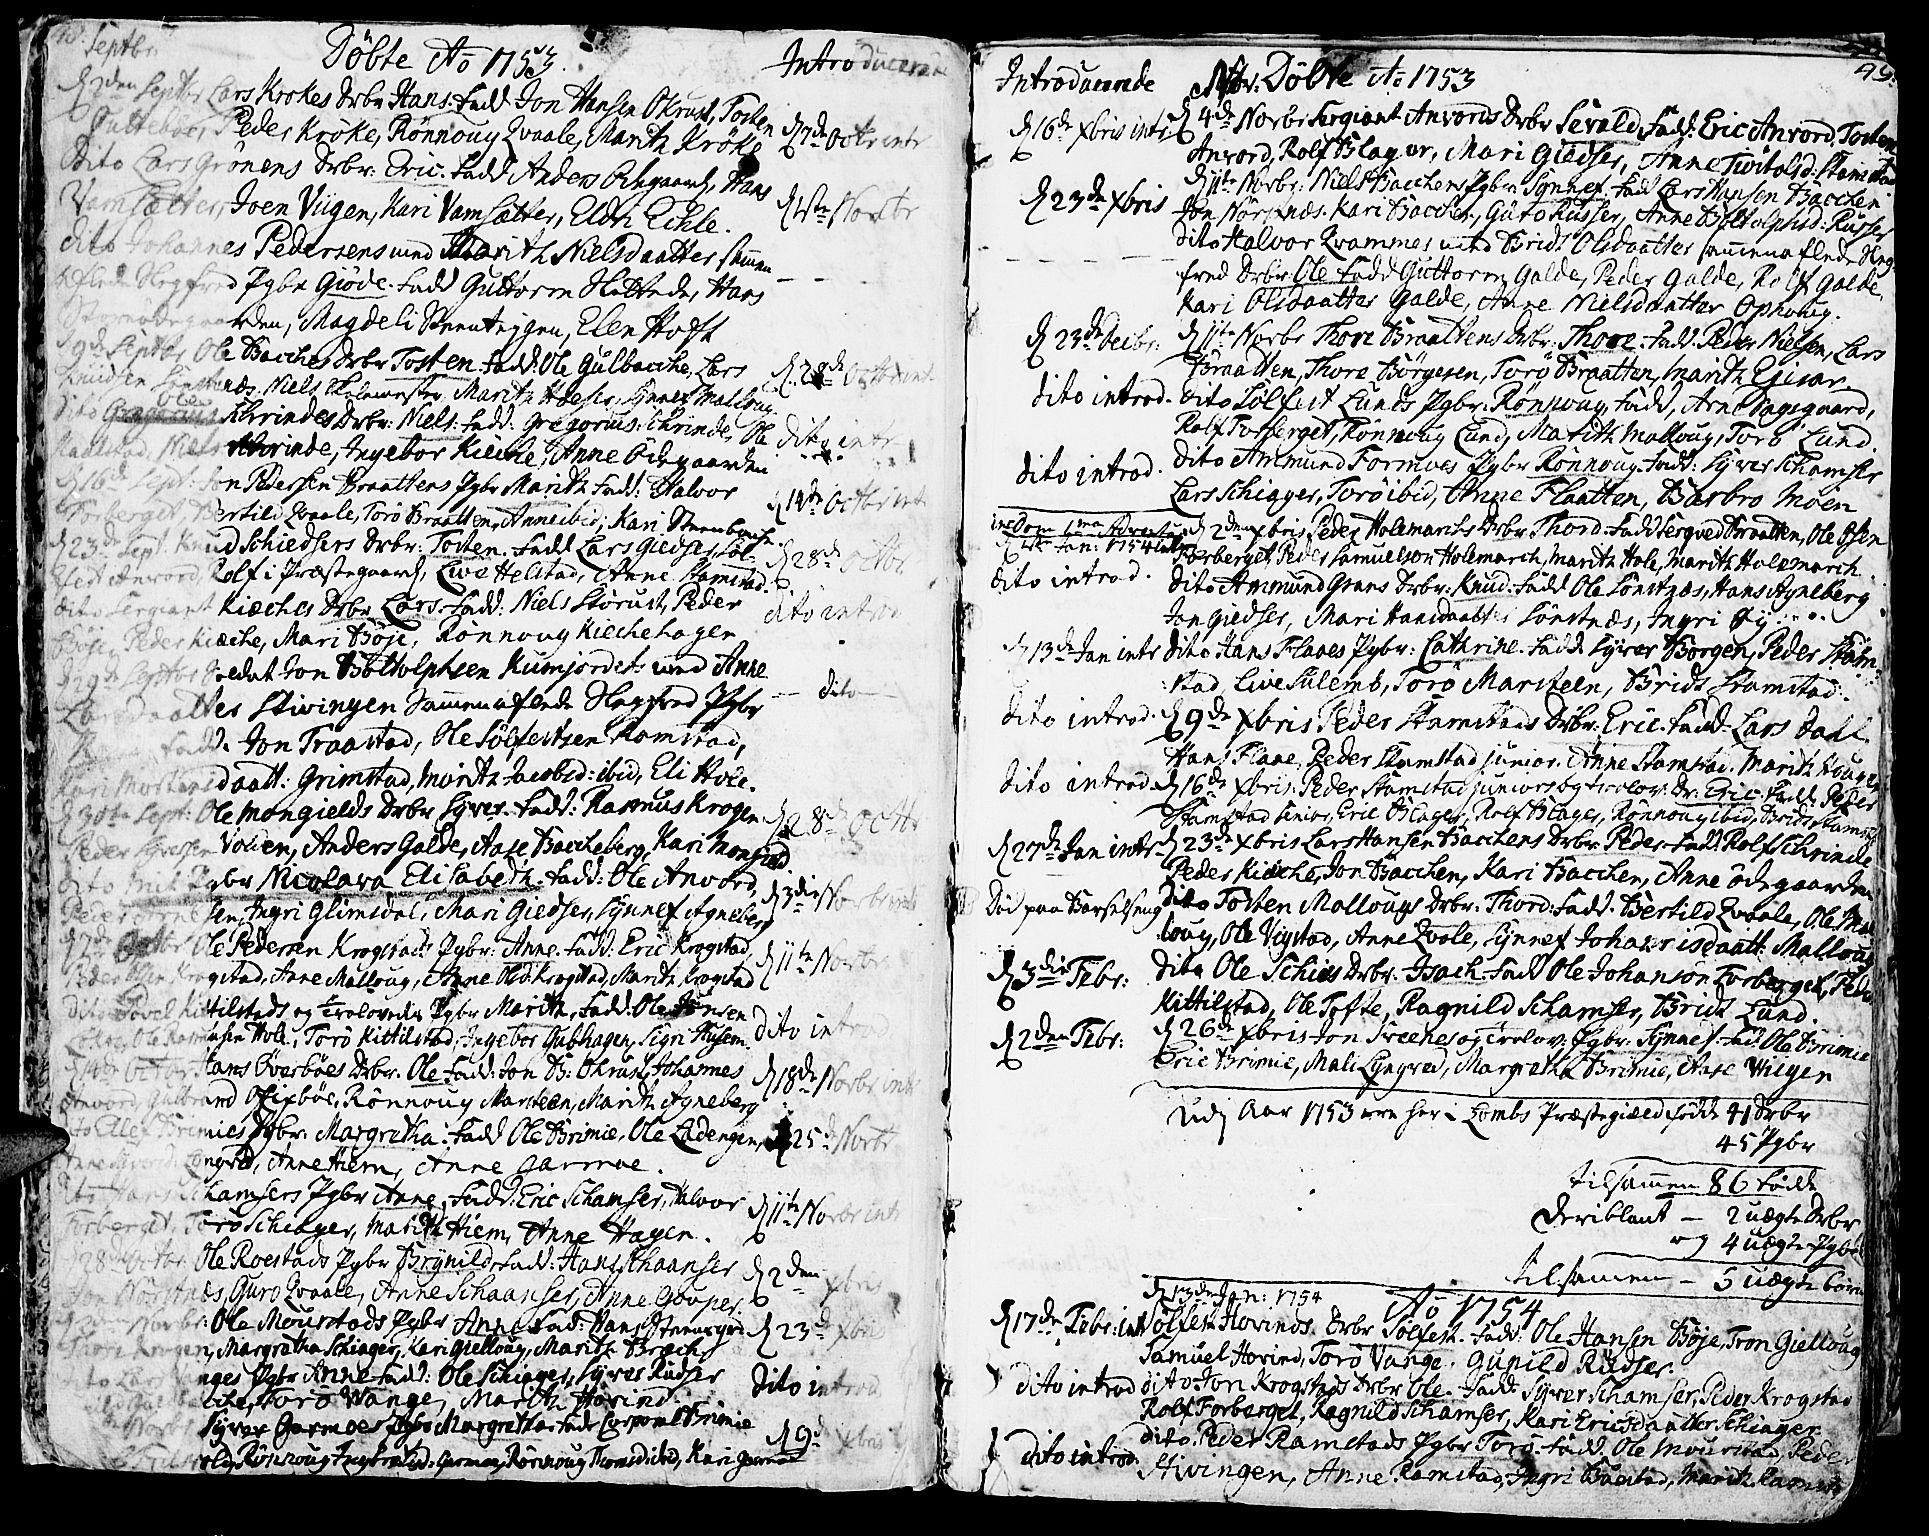 SAH, Lom prestekontor, K/L0002: Ministerialbok nr. 2, 1749-1801, s. 48-49